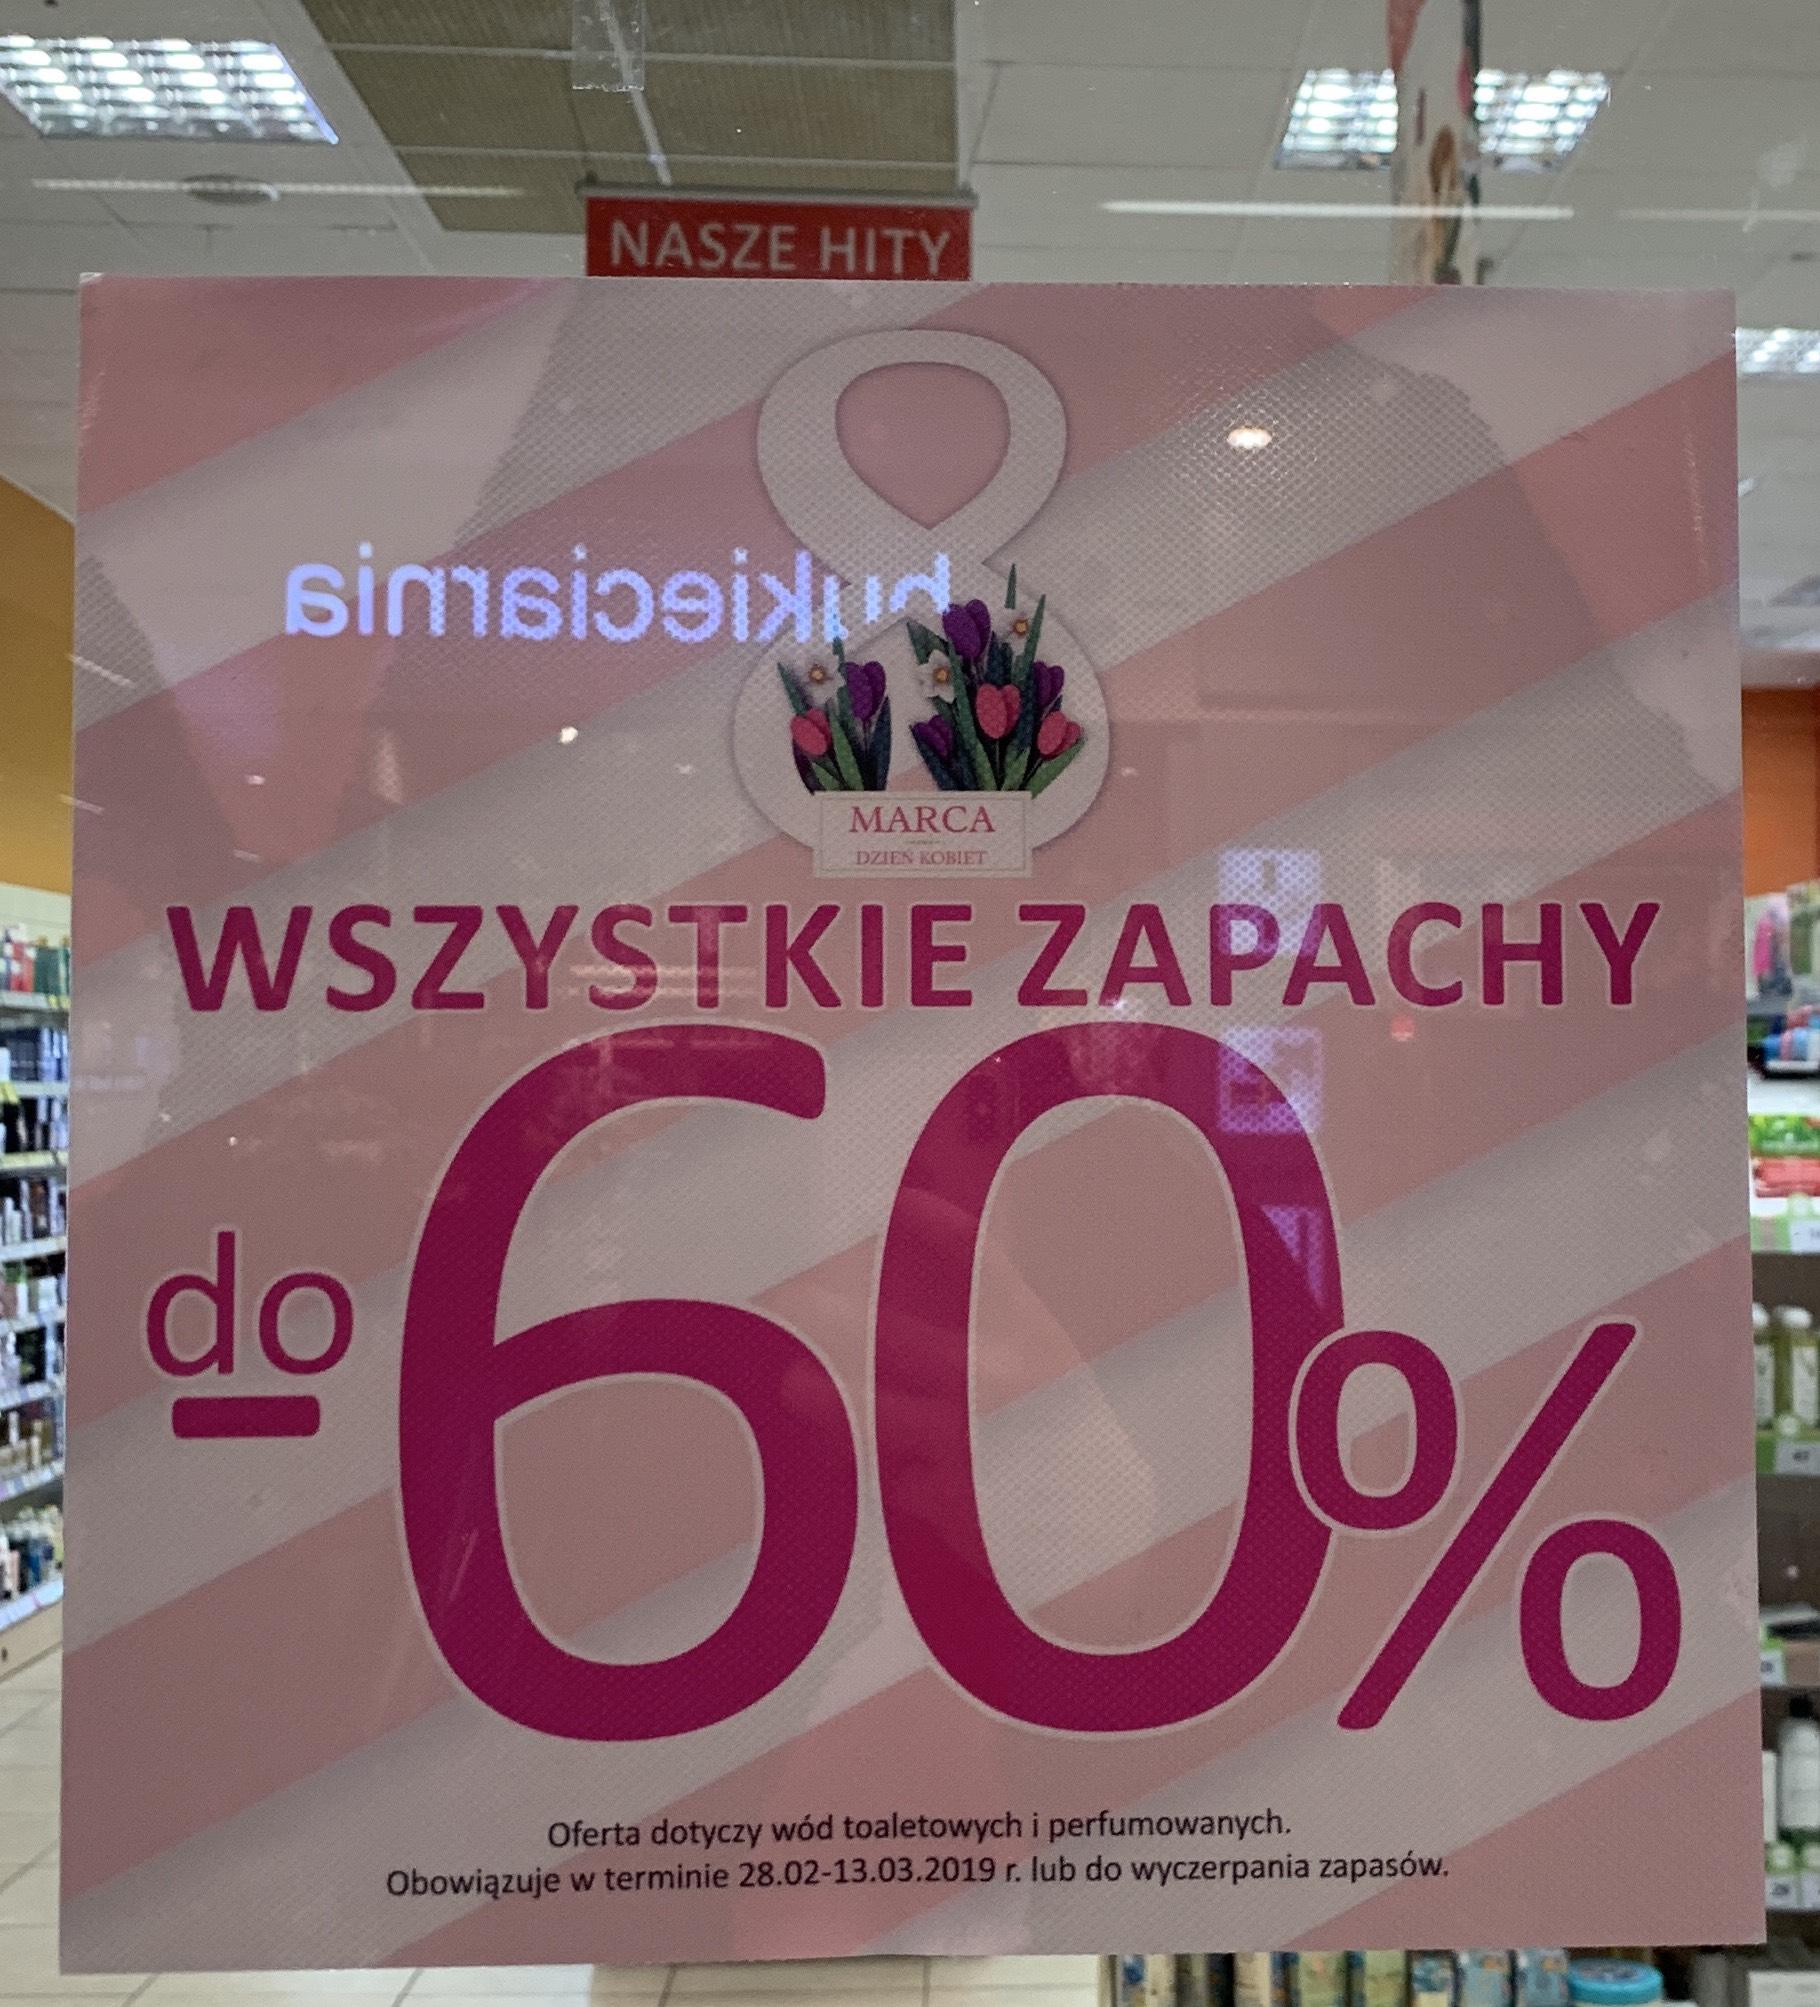 Do -60% wszystkie zapachy męskie damskie. Drogeria NATURA